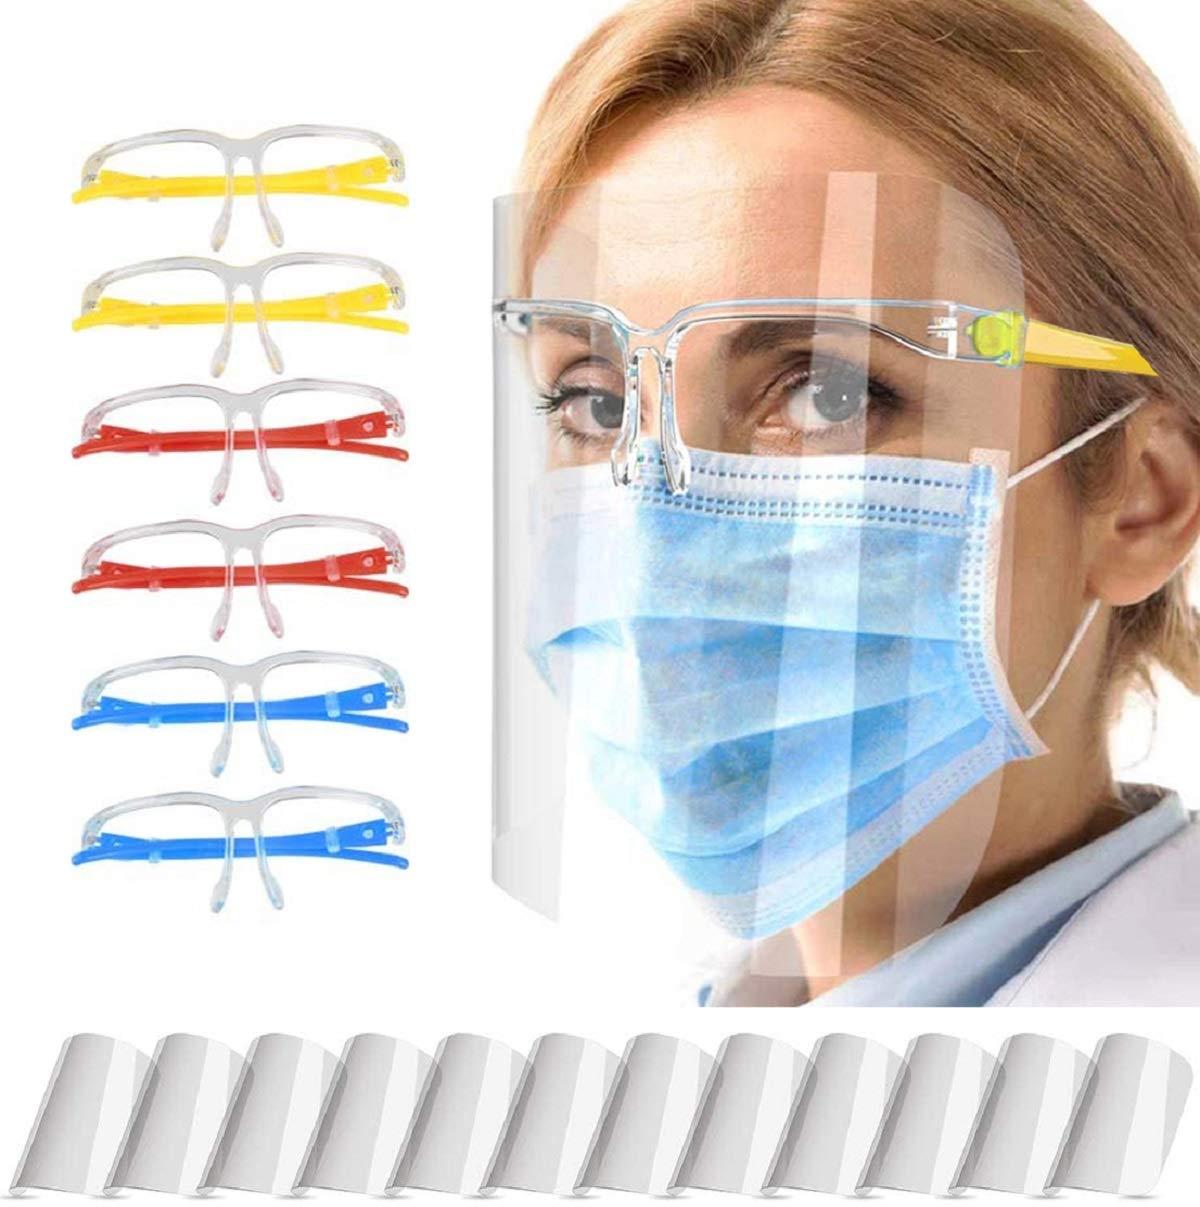 el humo aceitoso las actividades diarias y el trabajo 6 monturas de gafas y 12 protectores faciales que puede proteger los ojos de la saliva Ceestyle Visera de protecci/ón facial transparente